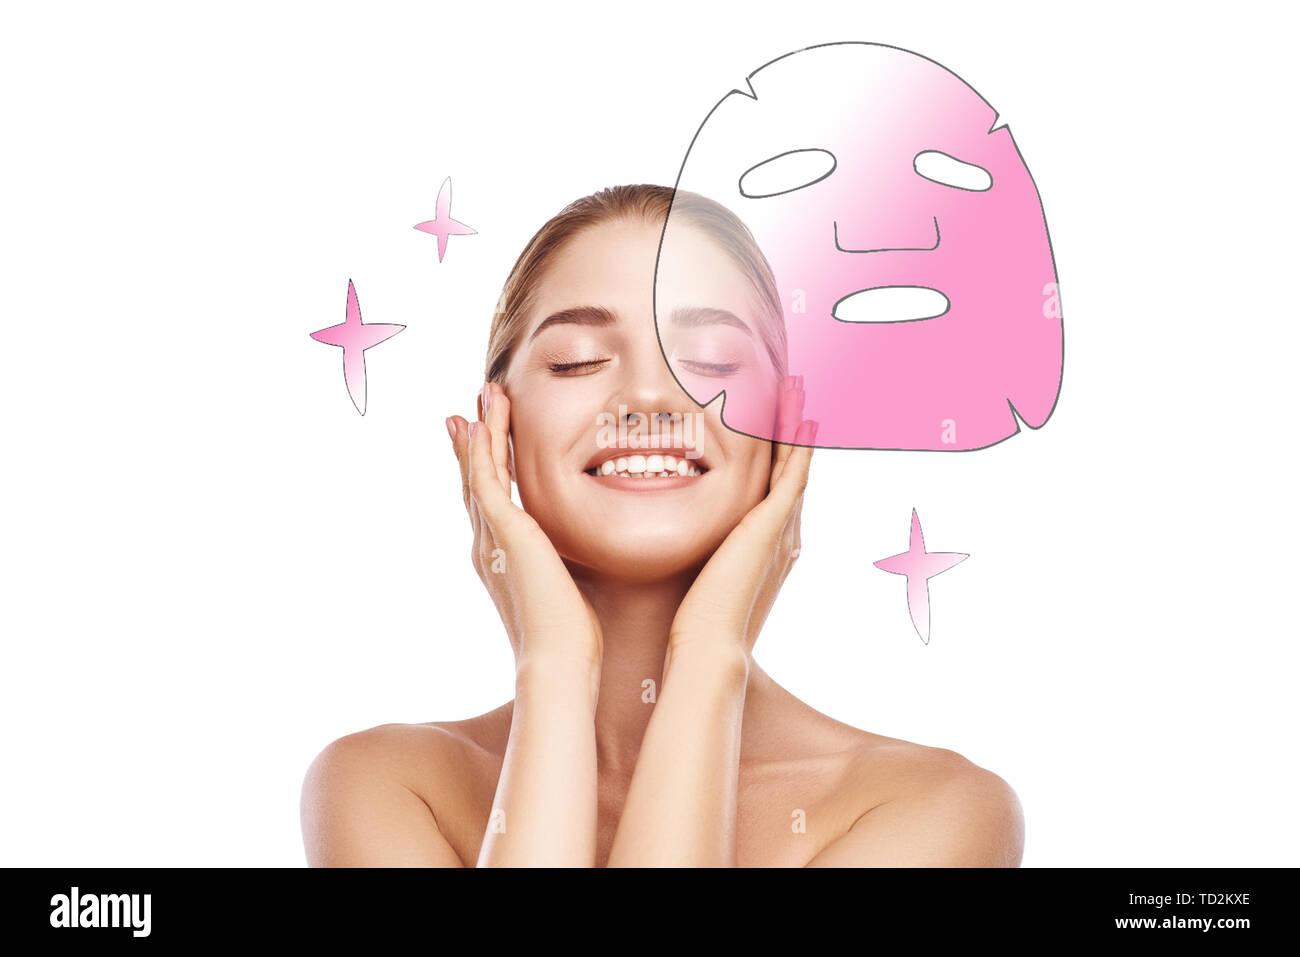 Lassen Sie sich verwöhnen! Portrait von lächelnden jungen Frau mit geschlossenen Augen berühren ihre perfekte Haut und Kosmetik Maske im Gesicht anwenden im Stehen Stockbild